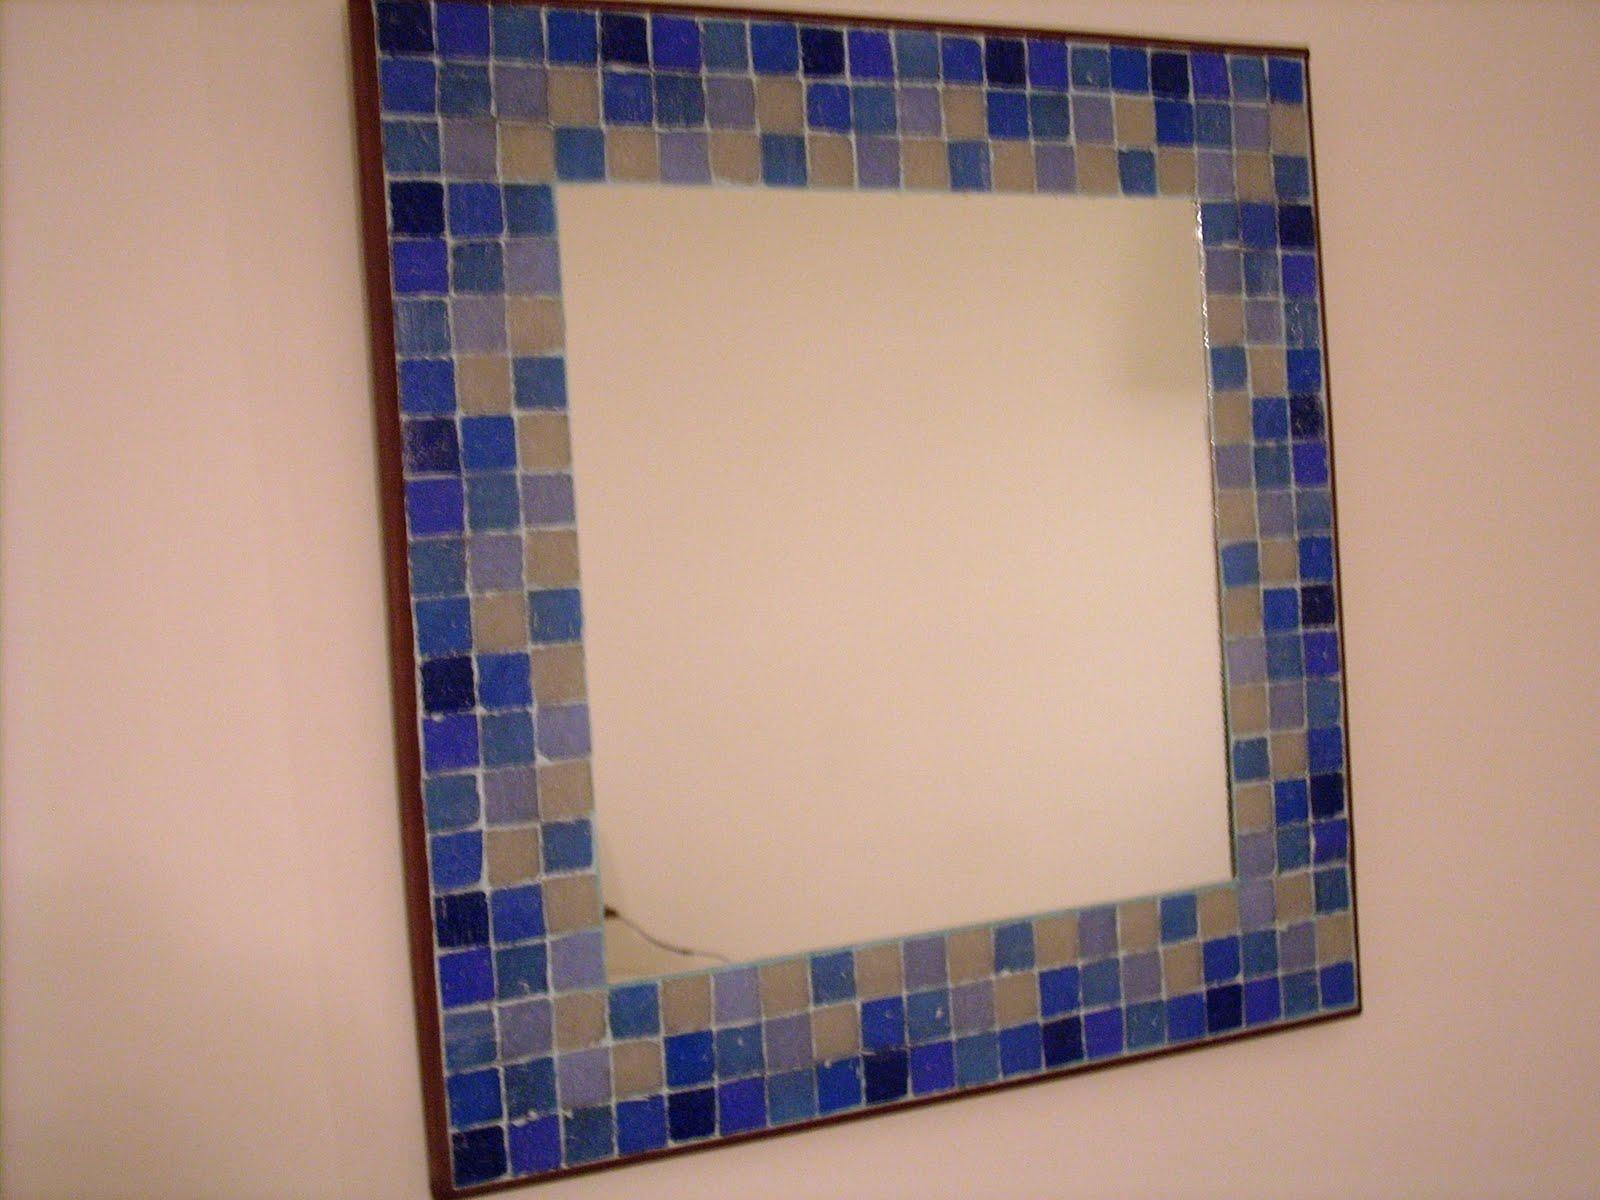 Espejos y lamparas espejo para ba os - Lamparas para espejo de bano ...